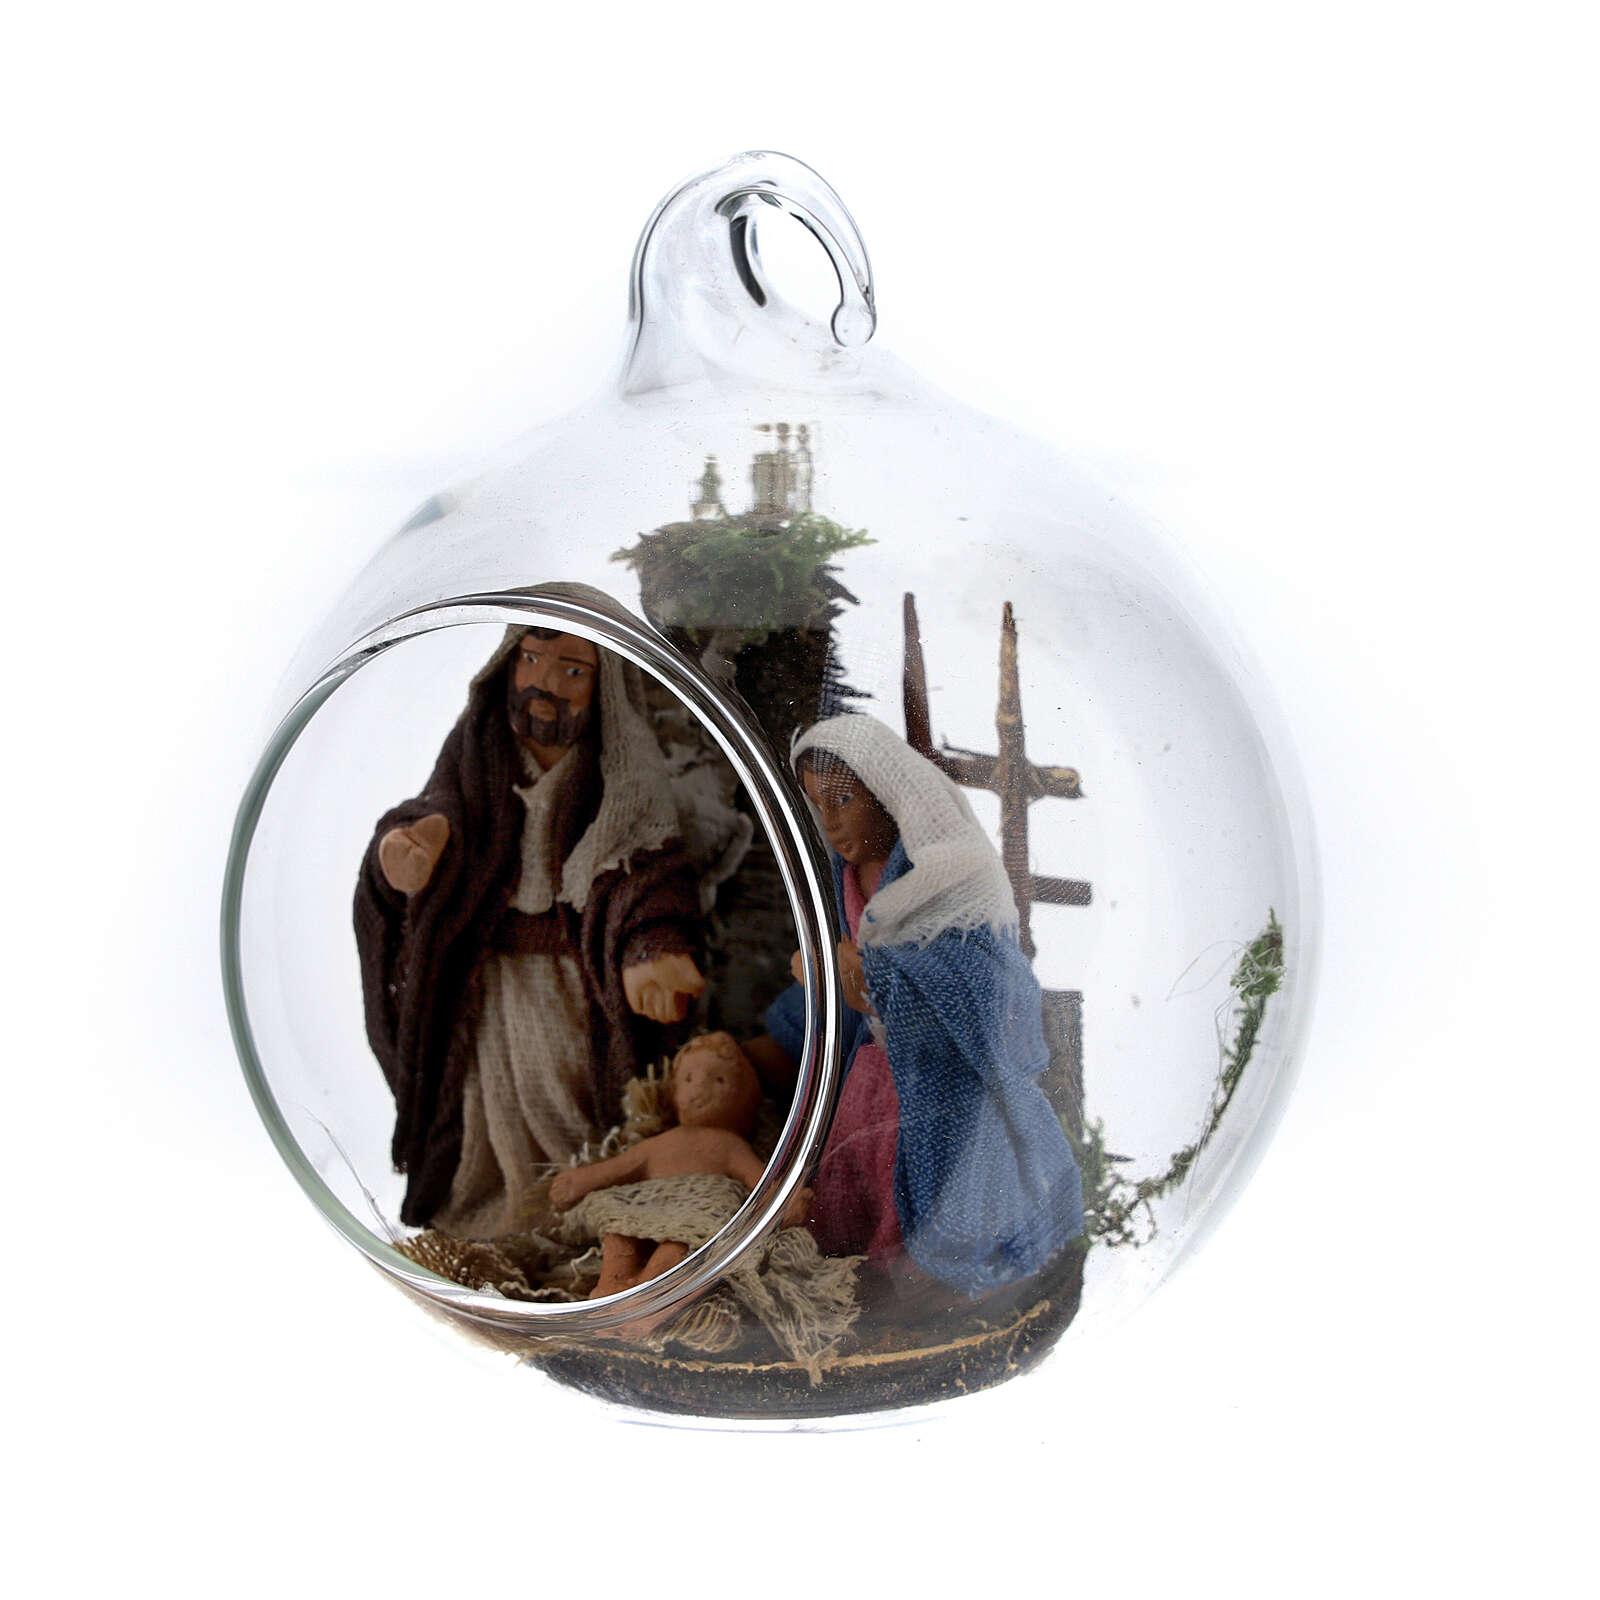 Natividade bola de Natal com figuras presépio napolitano terracota de altura média 6 cm 4